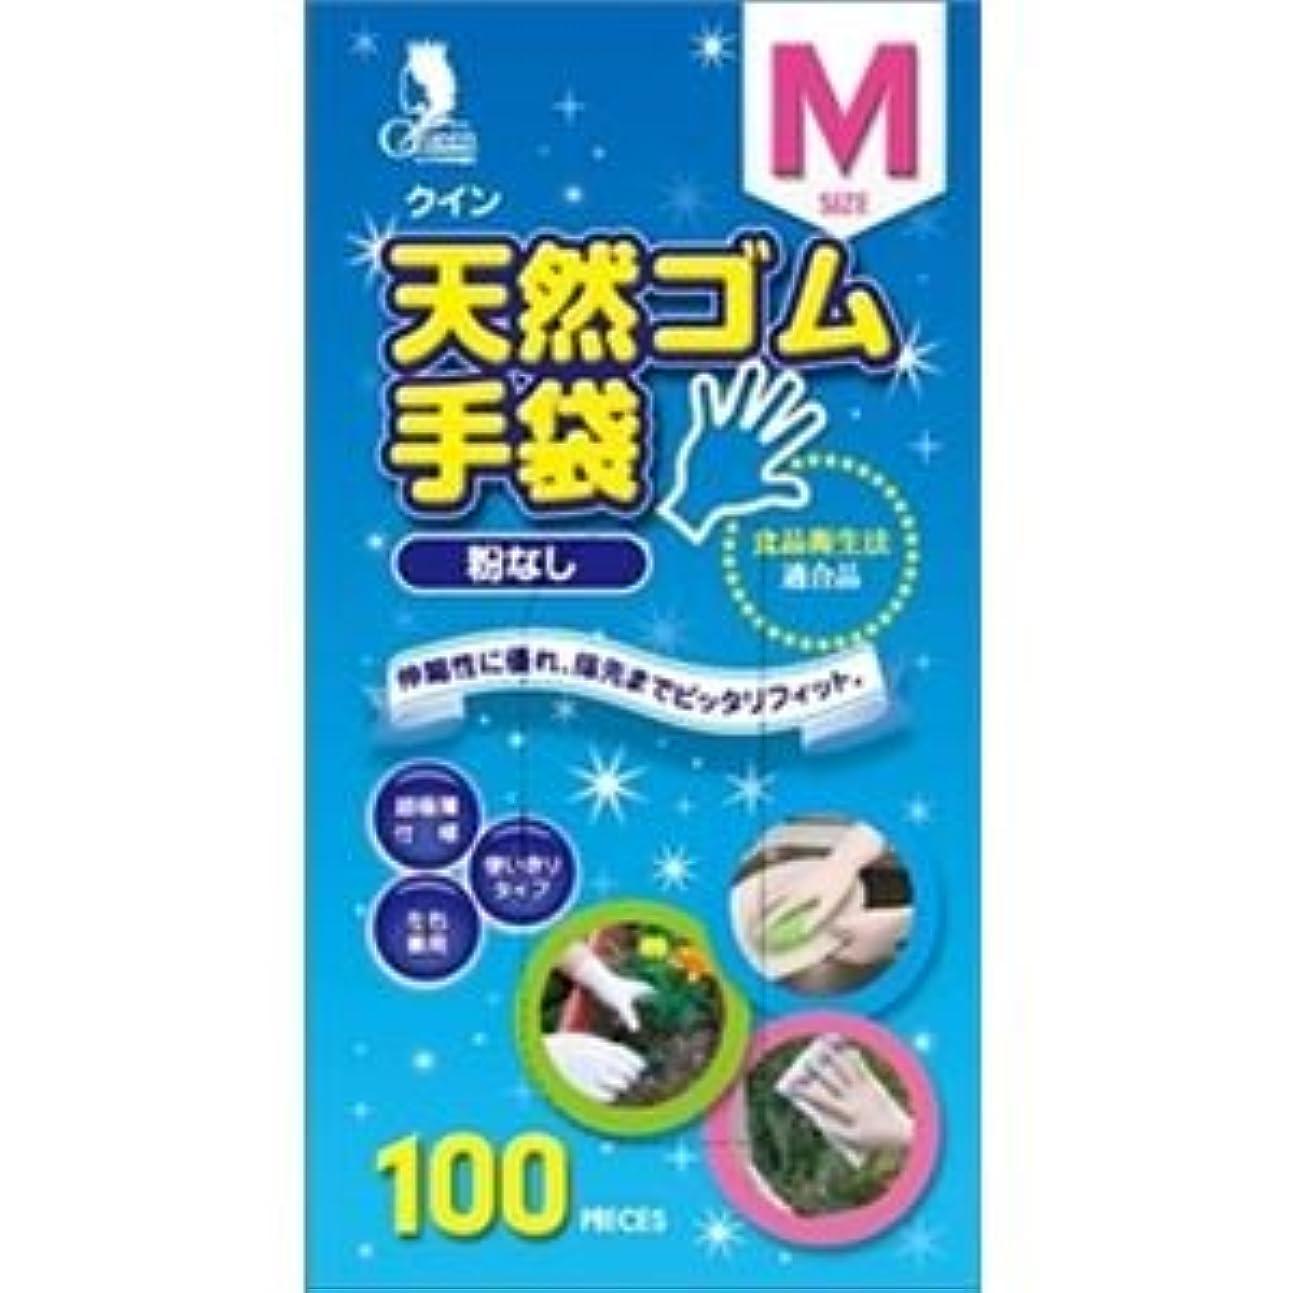 これら曲げる気付く(まとめ)宇都宮製作 クイン天然ゴム手袋 M 100枚入 (N) 【×3点セット】